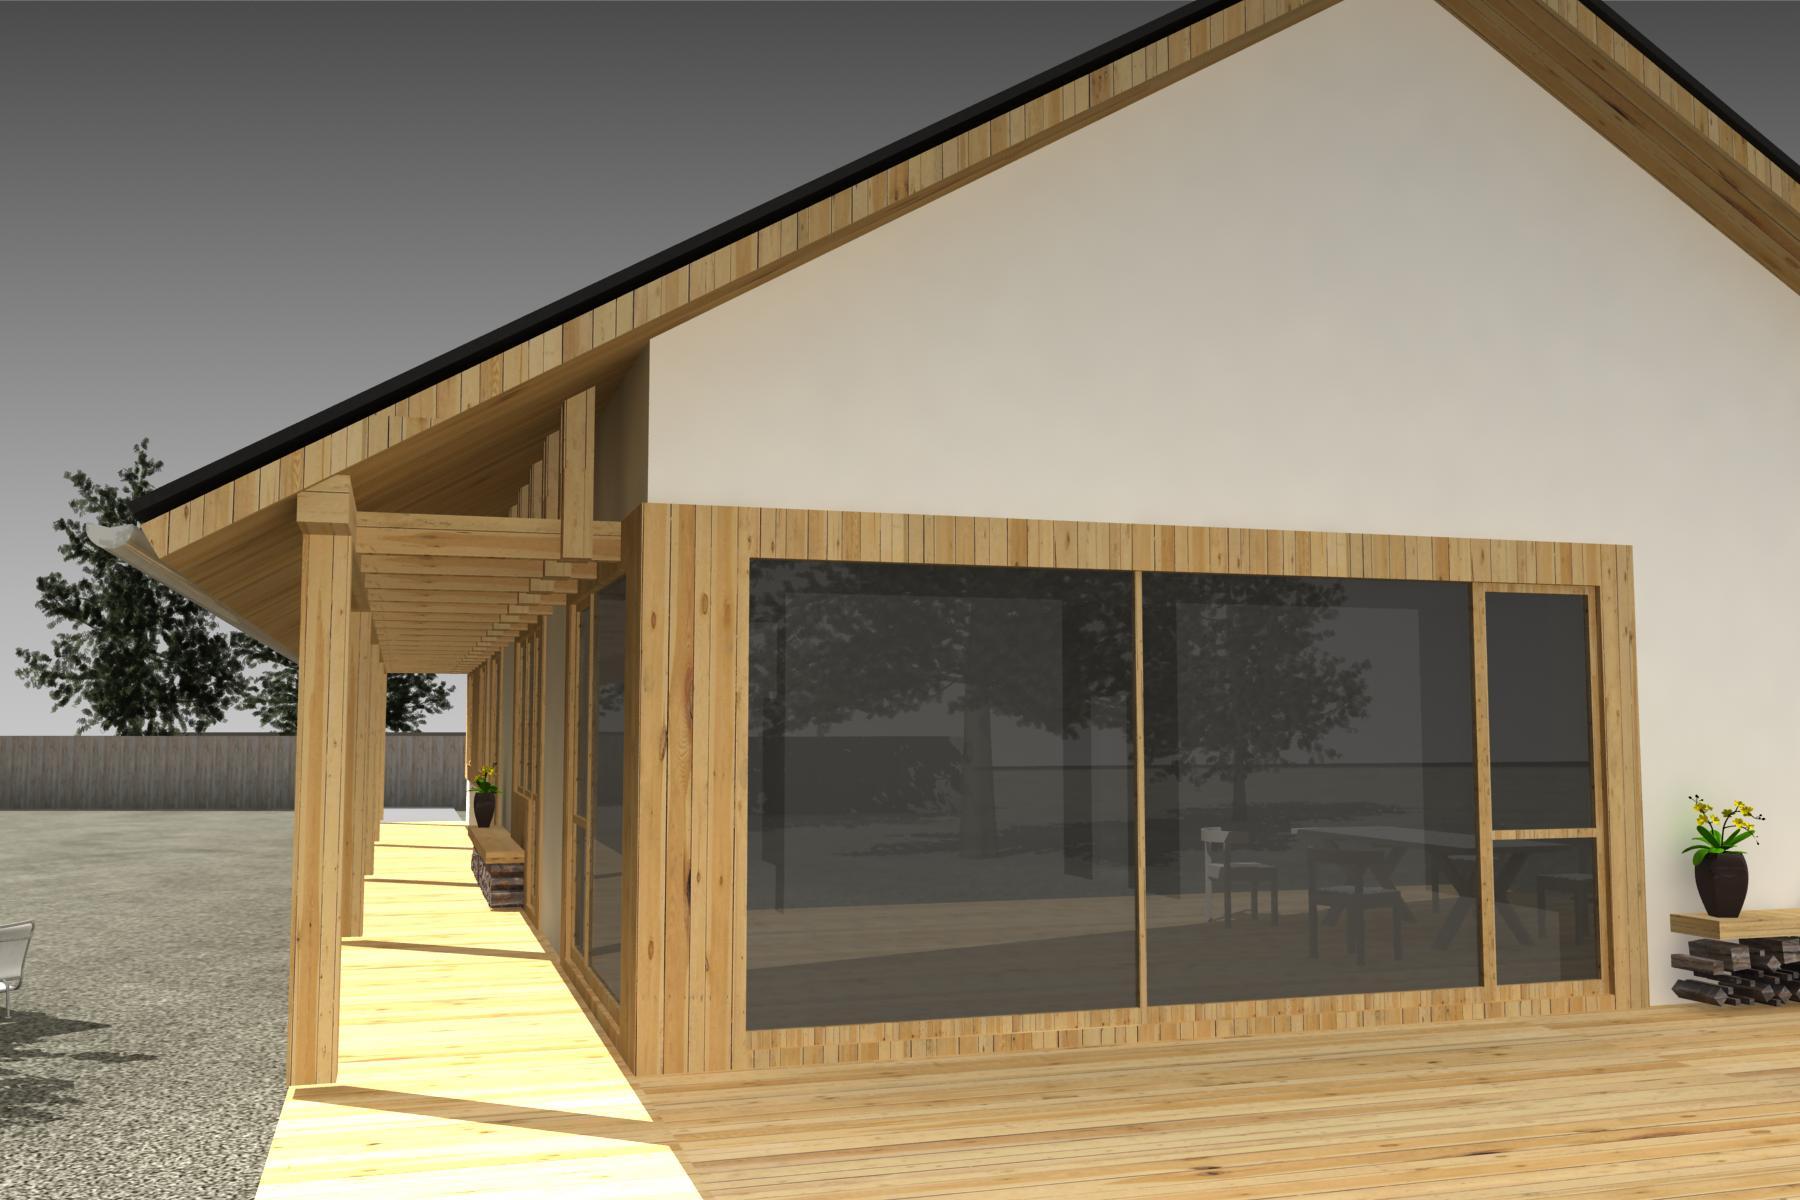 Projekt stavby rodinného domu III 04